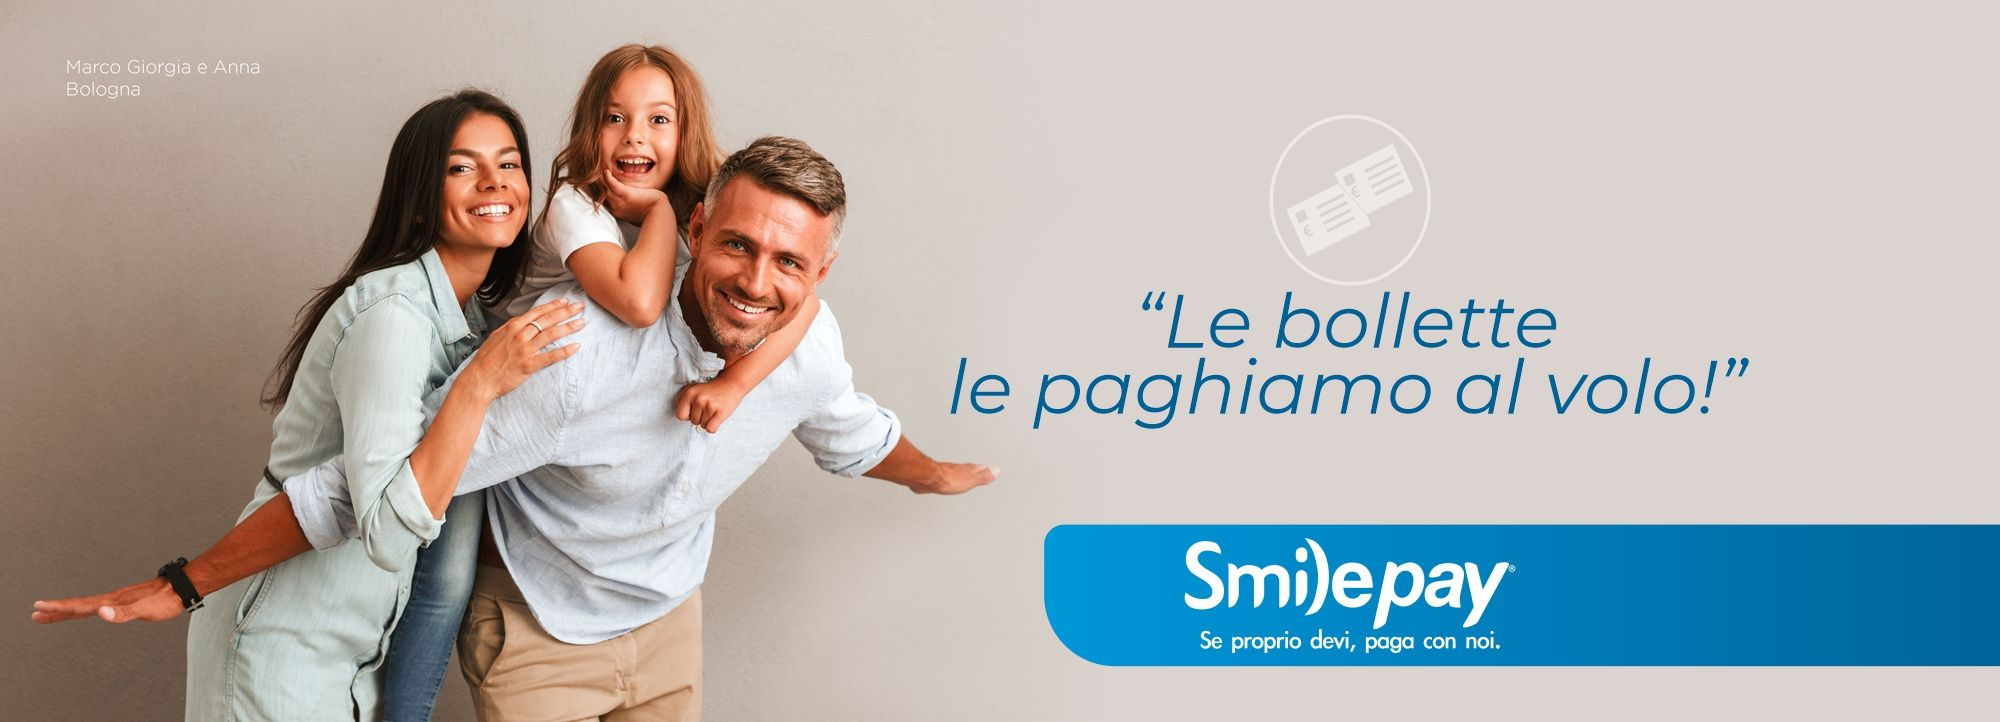 smilepay-banner-01